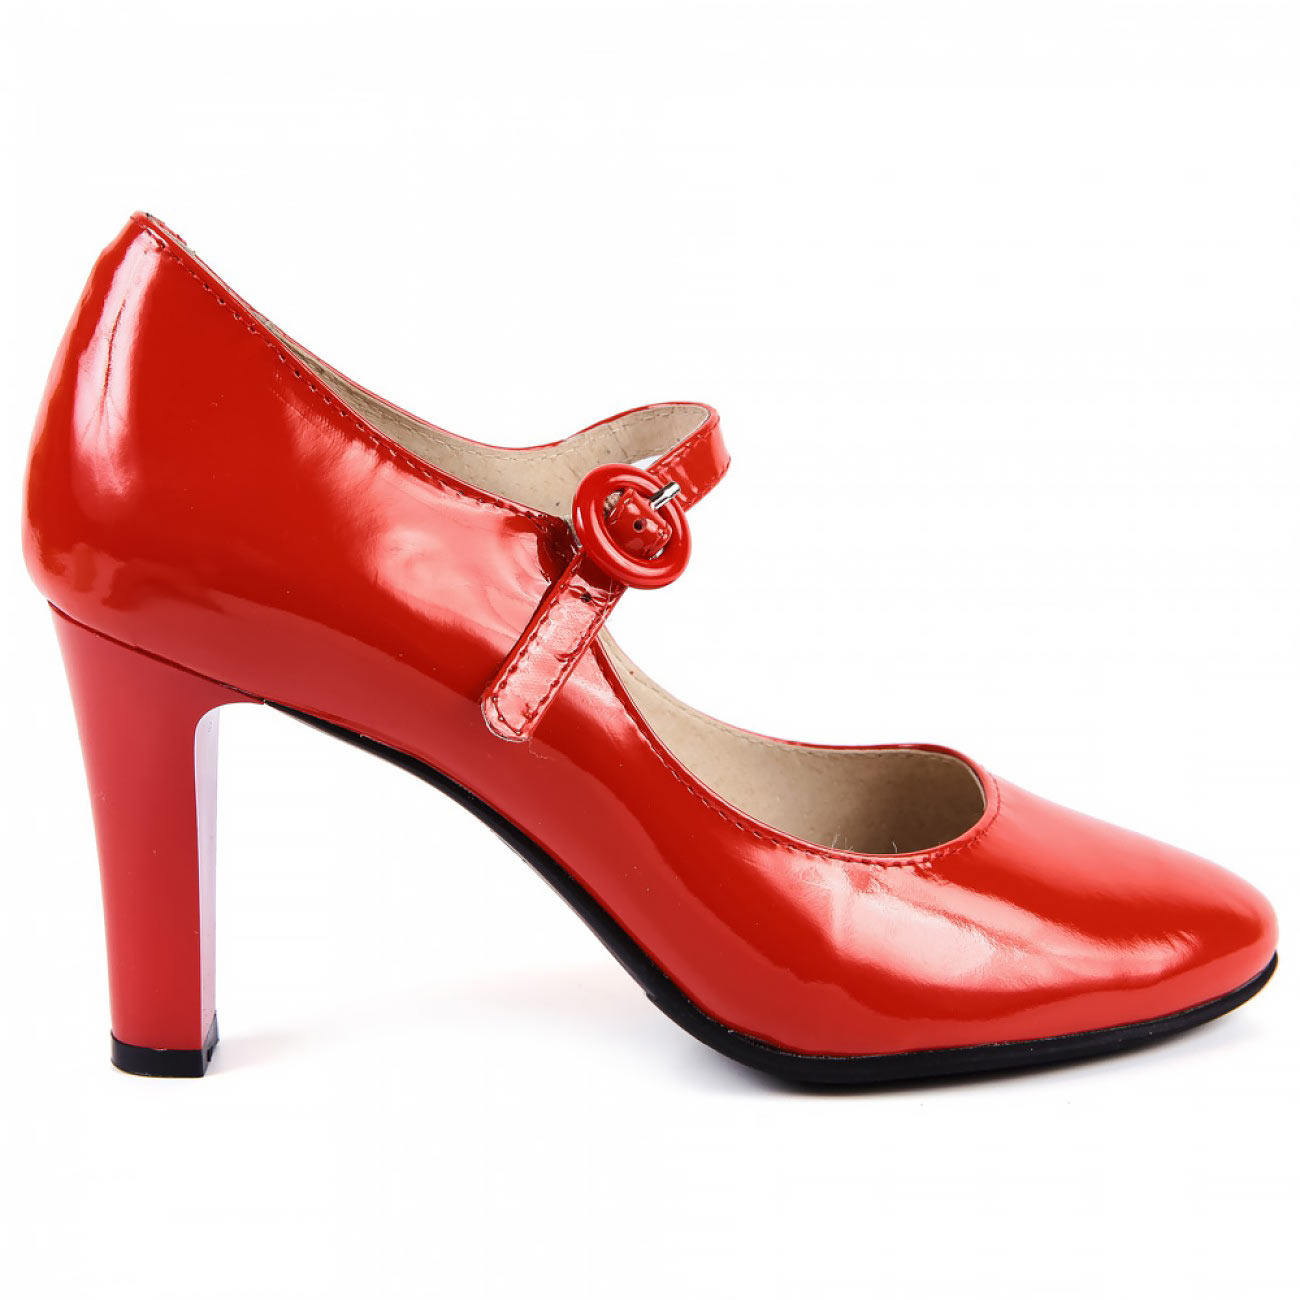 97440c8943f2 Женские туфли Мери Джейн на каблуке 5F3752 — Женская обувь — Туфли ...